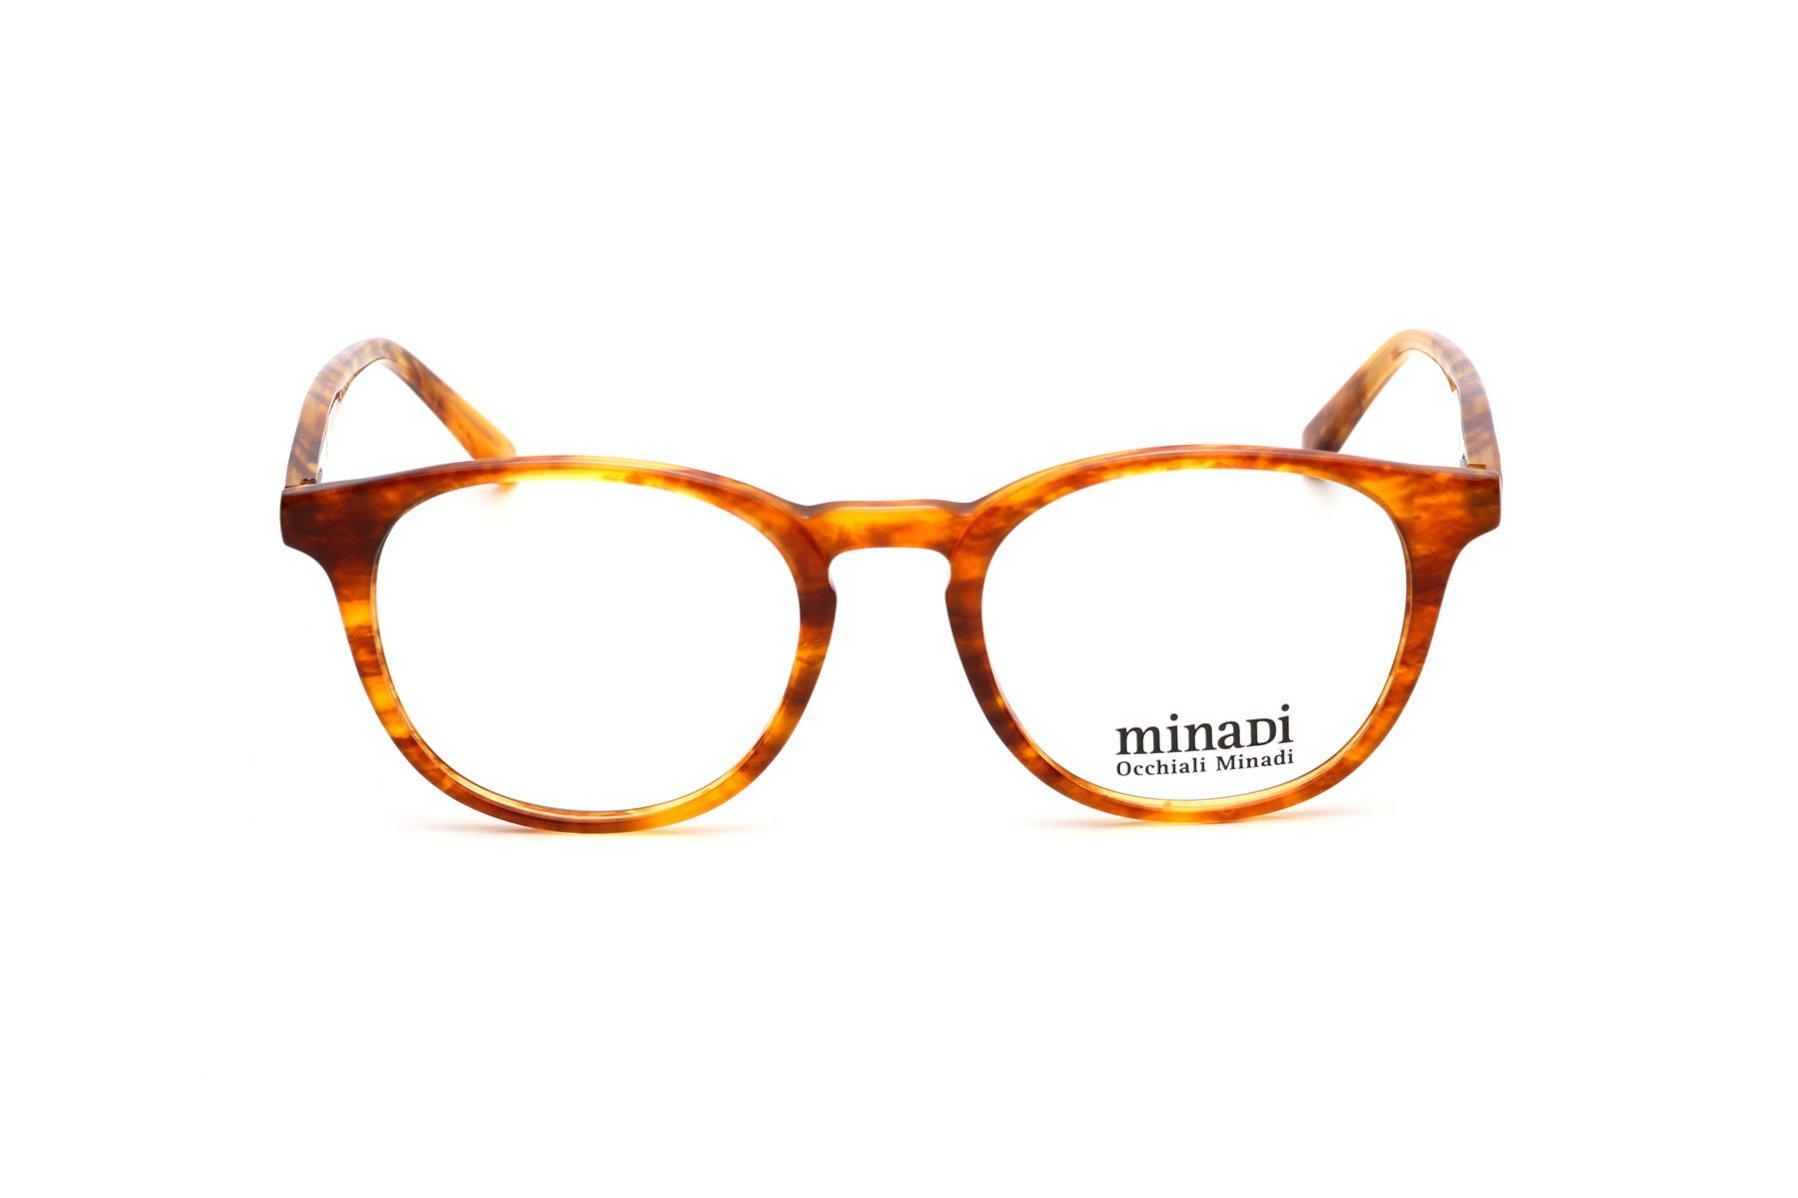 brillen zu gewinnen minadi panto 509 065 sowie minadi. Black Bedroom Furniture Sets. Home Design Ideas